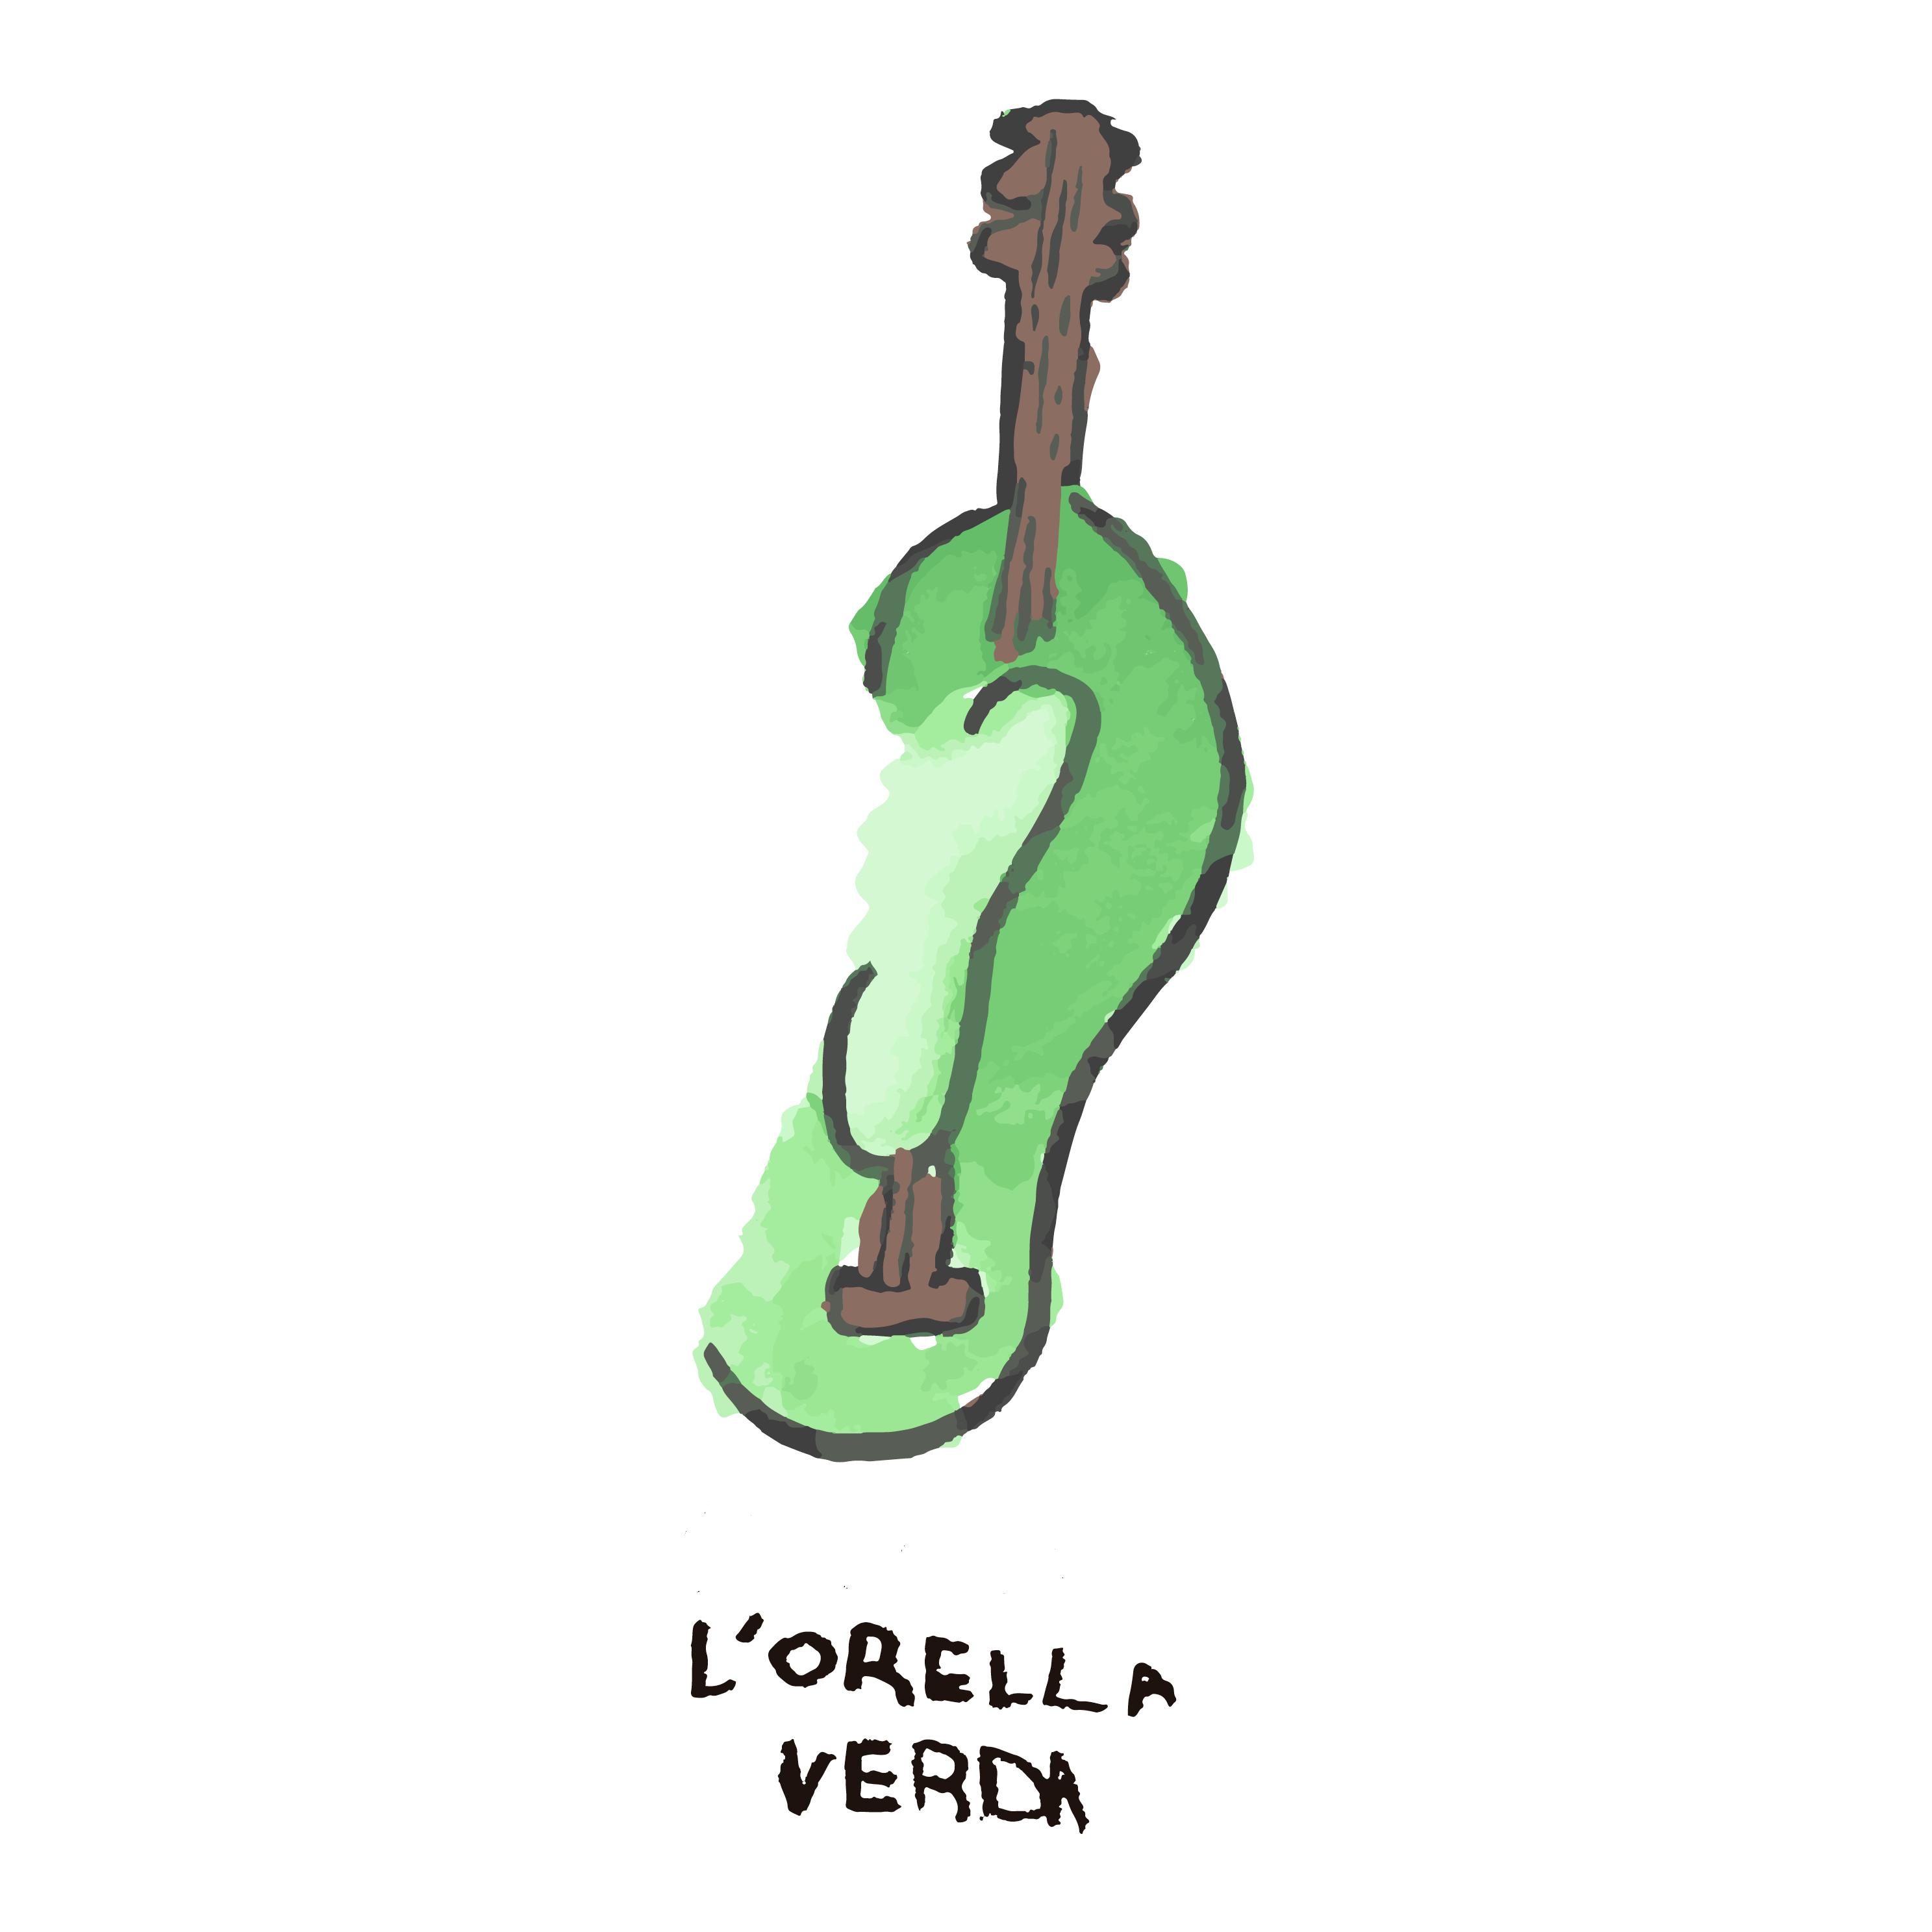 L'ORELLA VERDA